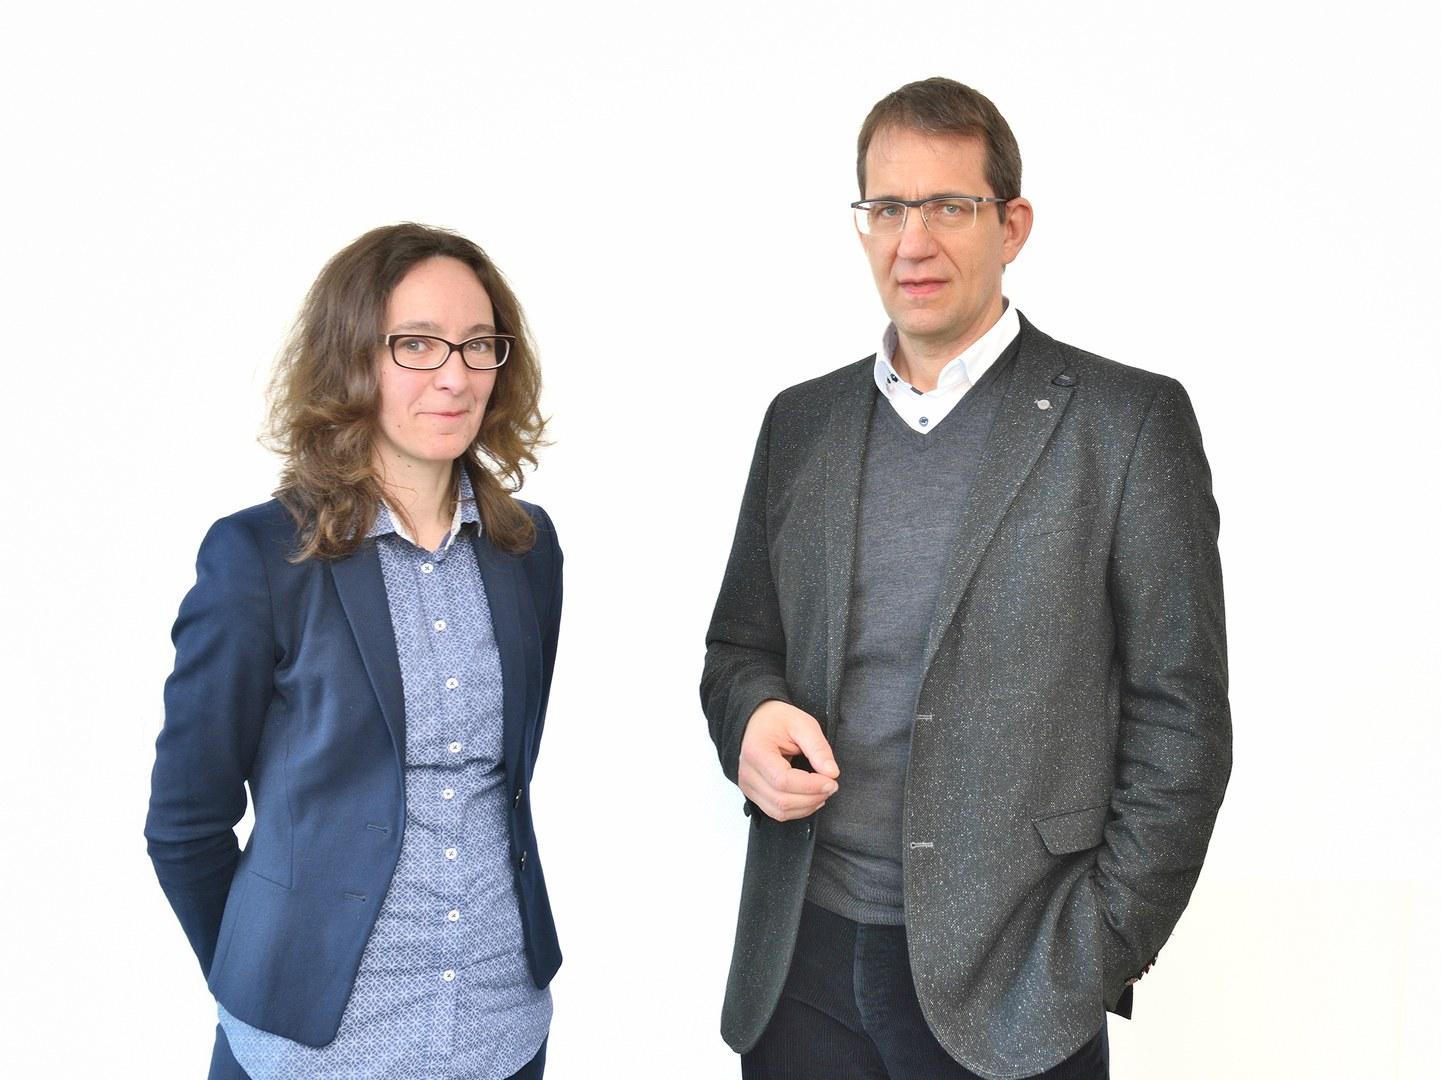 Erste kombinierte Klinik für Neurodegenerative Erkrankungen und Gerontopsychiatrie am Uni-Klinikum Bonn gegründet: